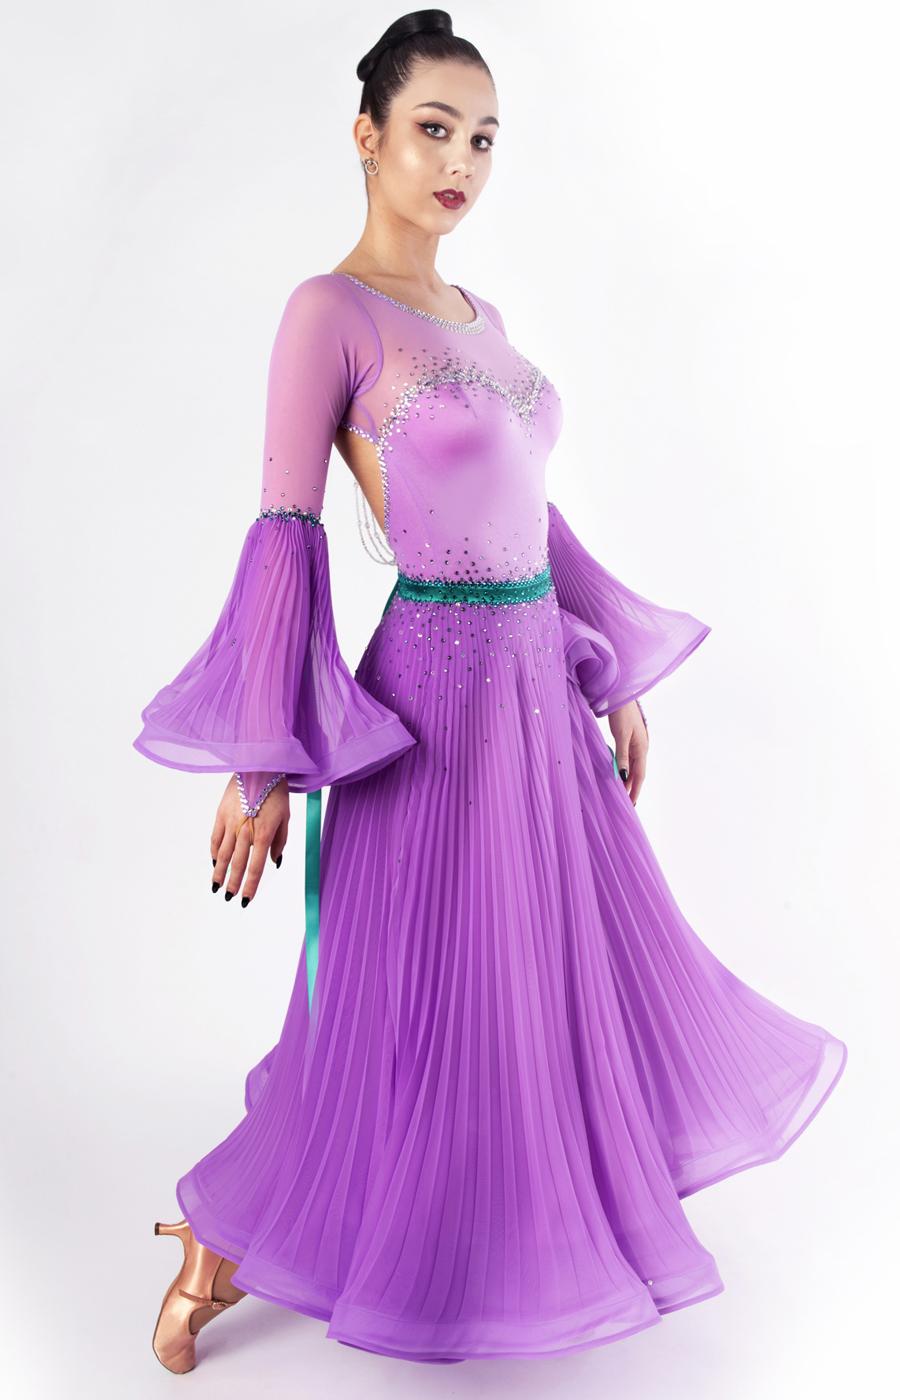 Ballroom dress Lilac Dream